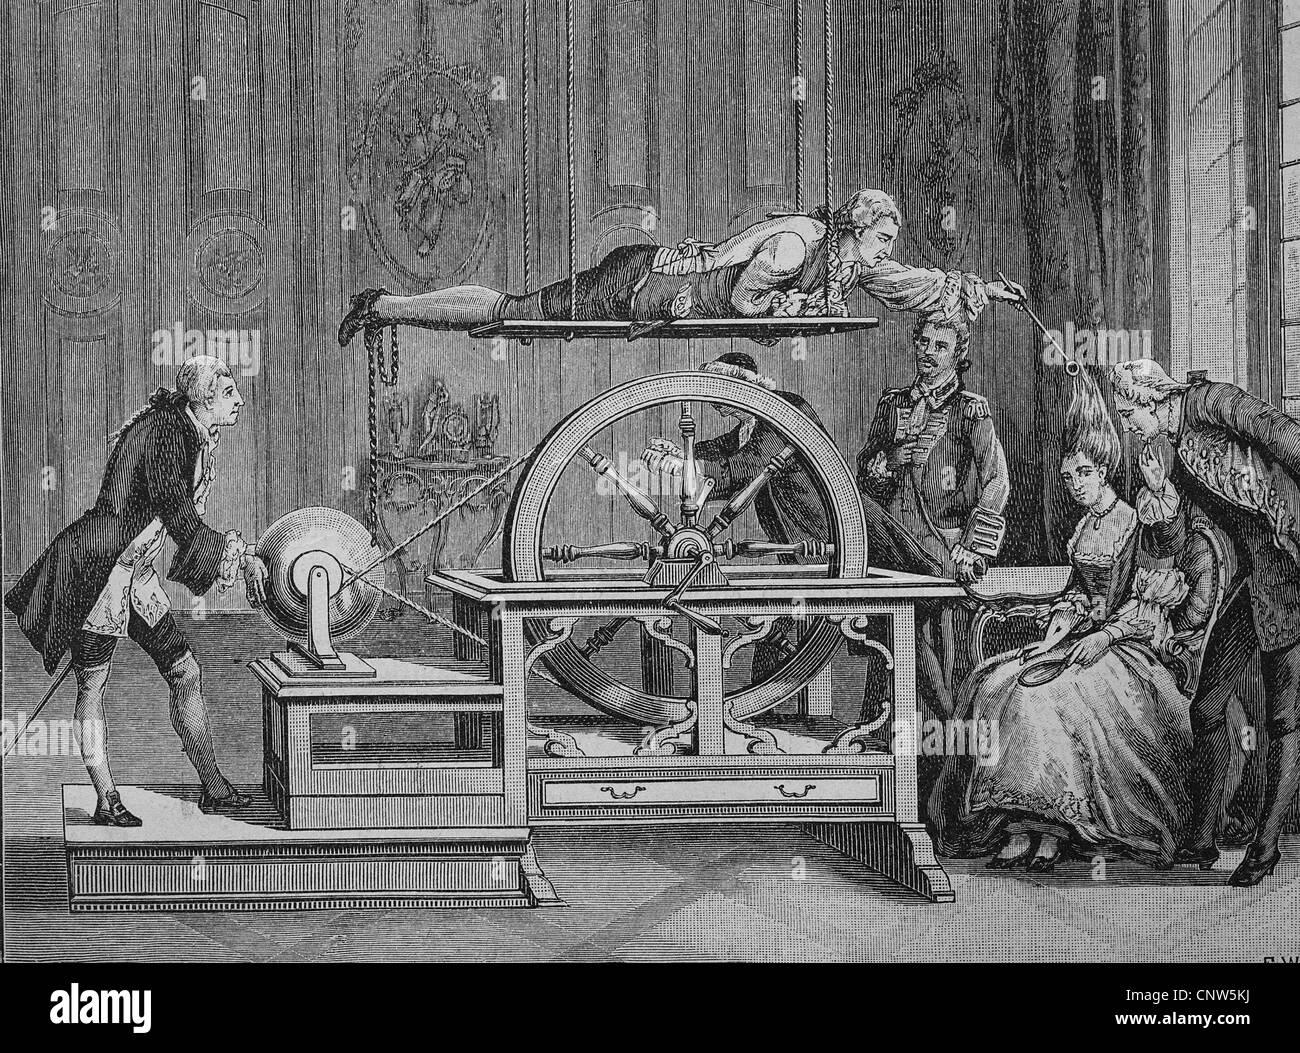 Esperimento di elettricità nel XVIII secolo, storica incisione, 1880 Immagini Stock